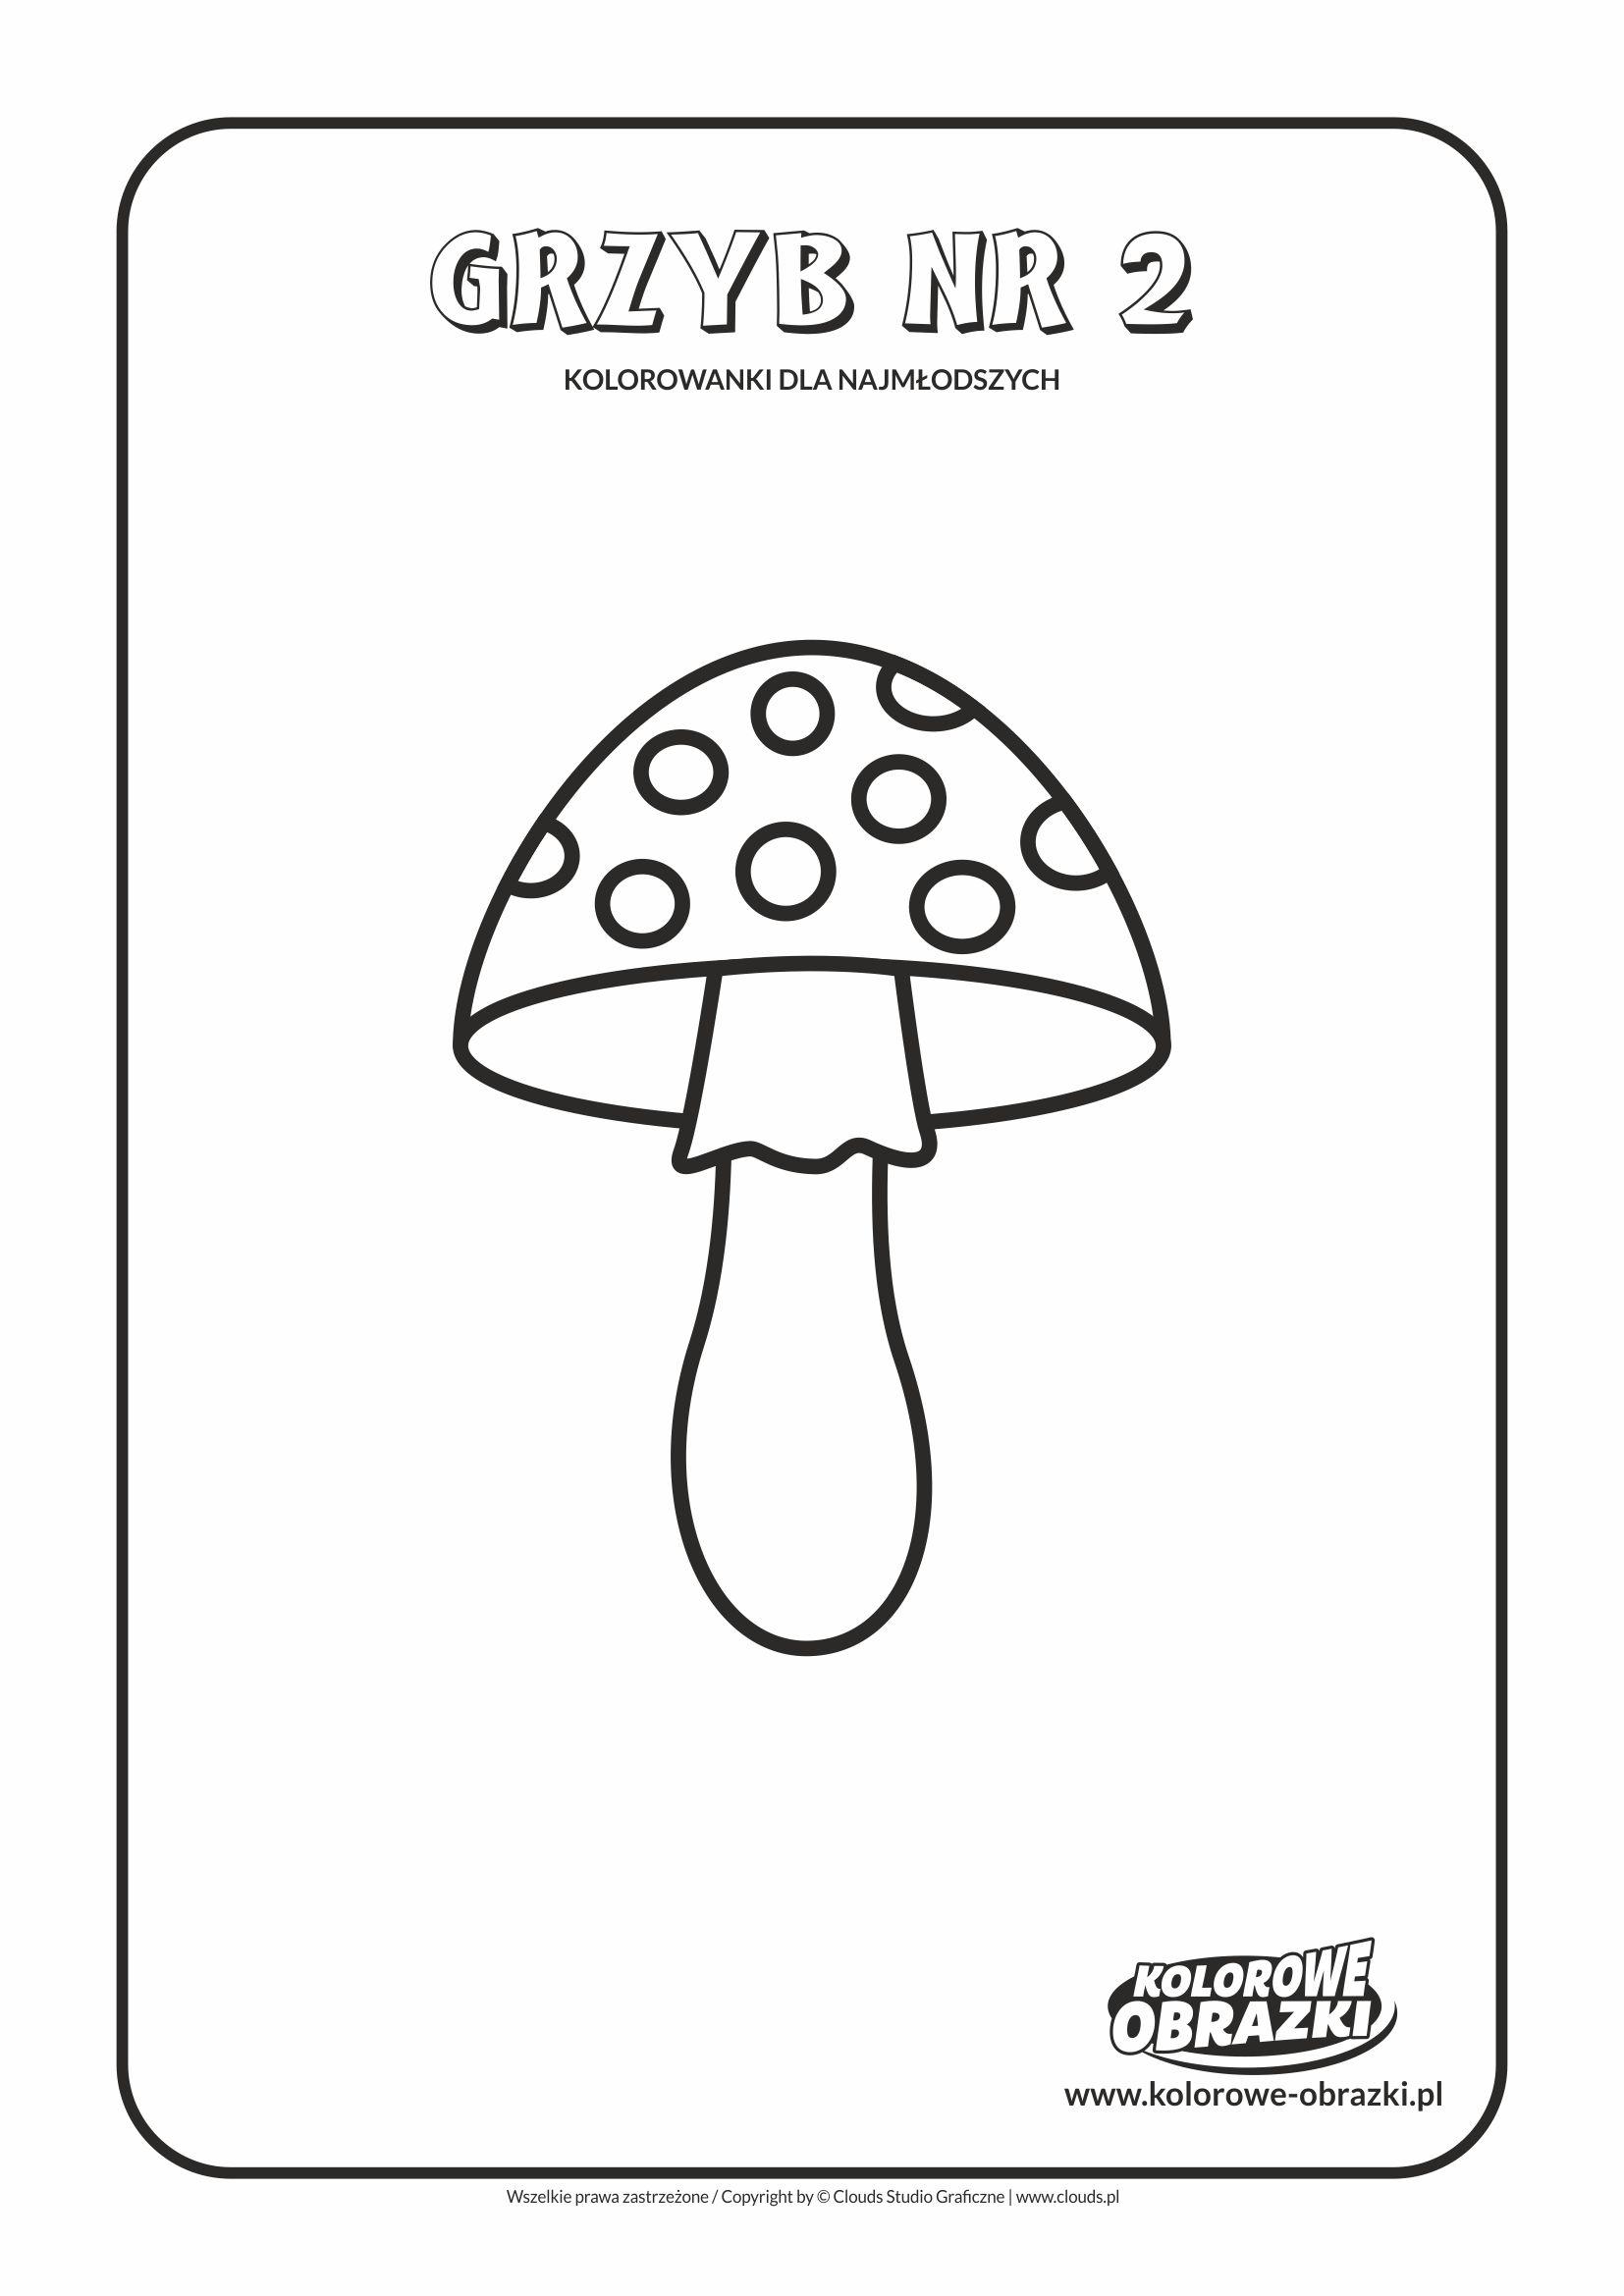 Proste kolorowanki dla najmłodszych - Grzyby / Grzyb nr 2. Kolorowanka z grzybem